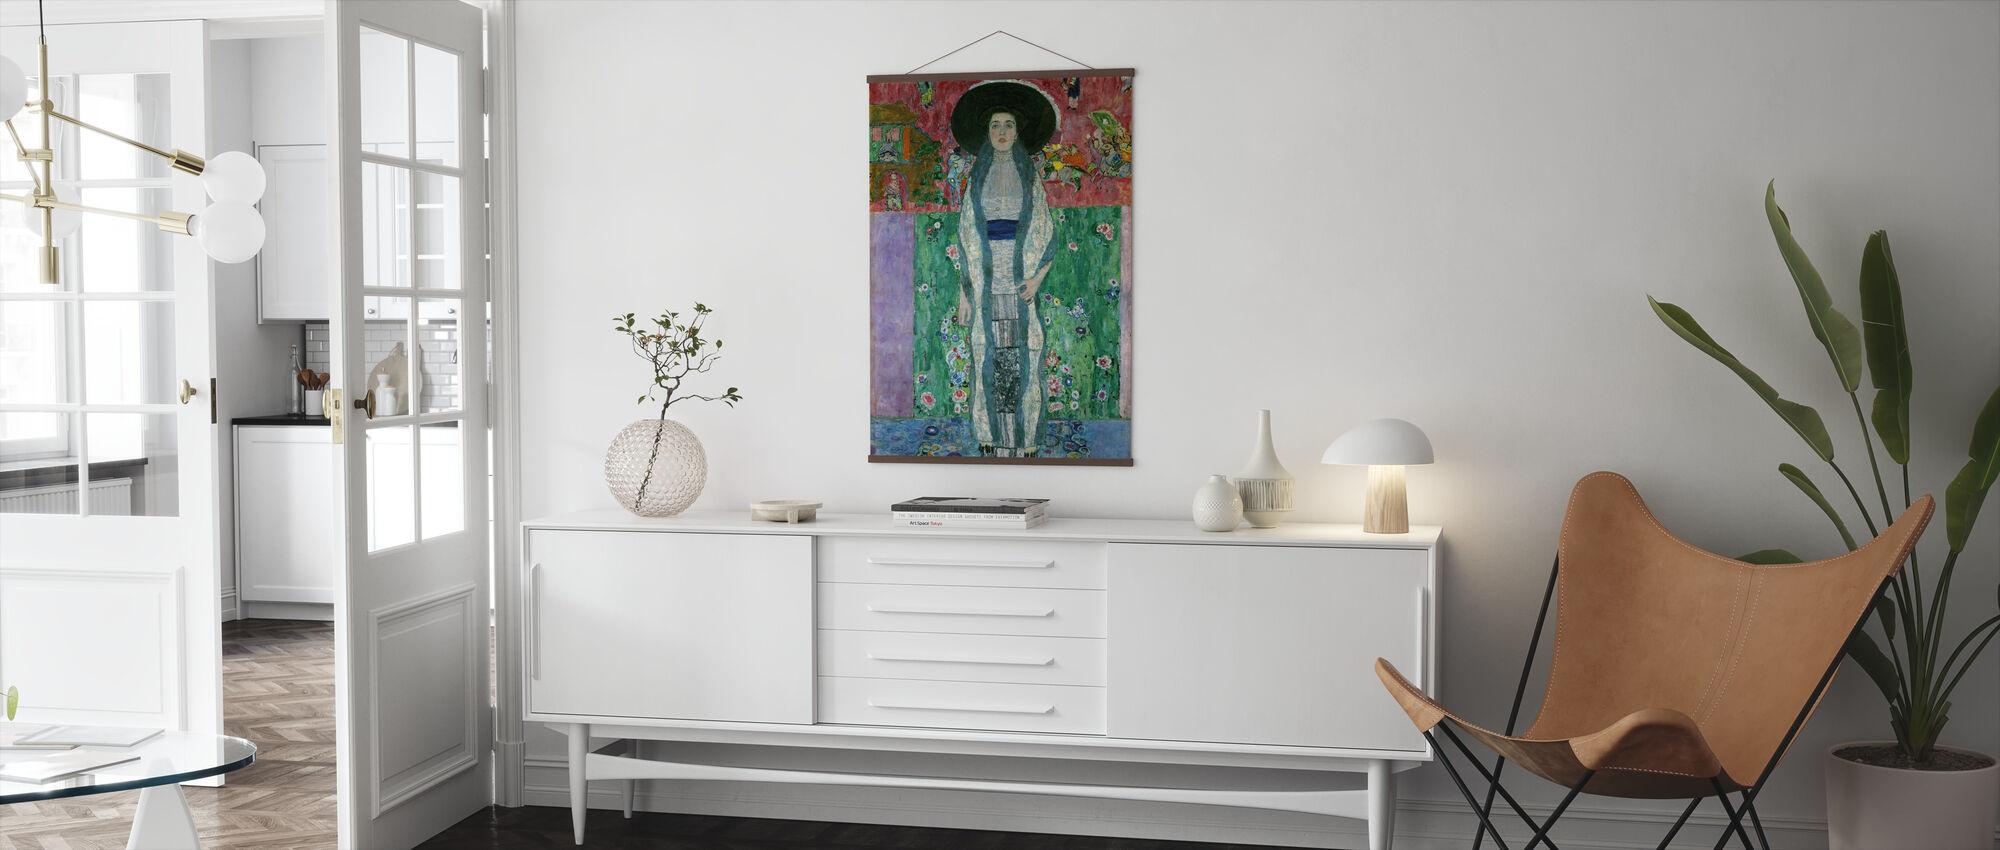 Porträtt Av Adele Bloch-Bauer - Gustav Klimt - Poster - Vardagsrum